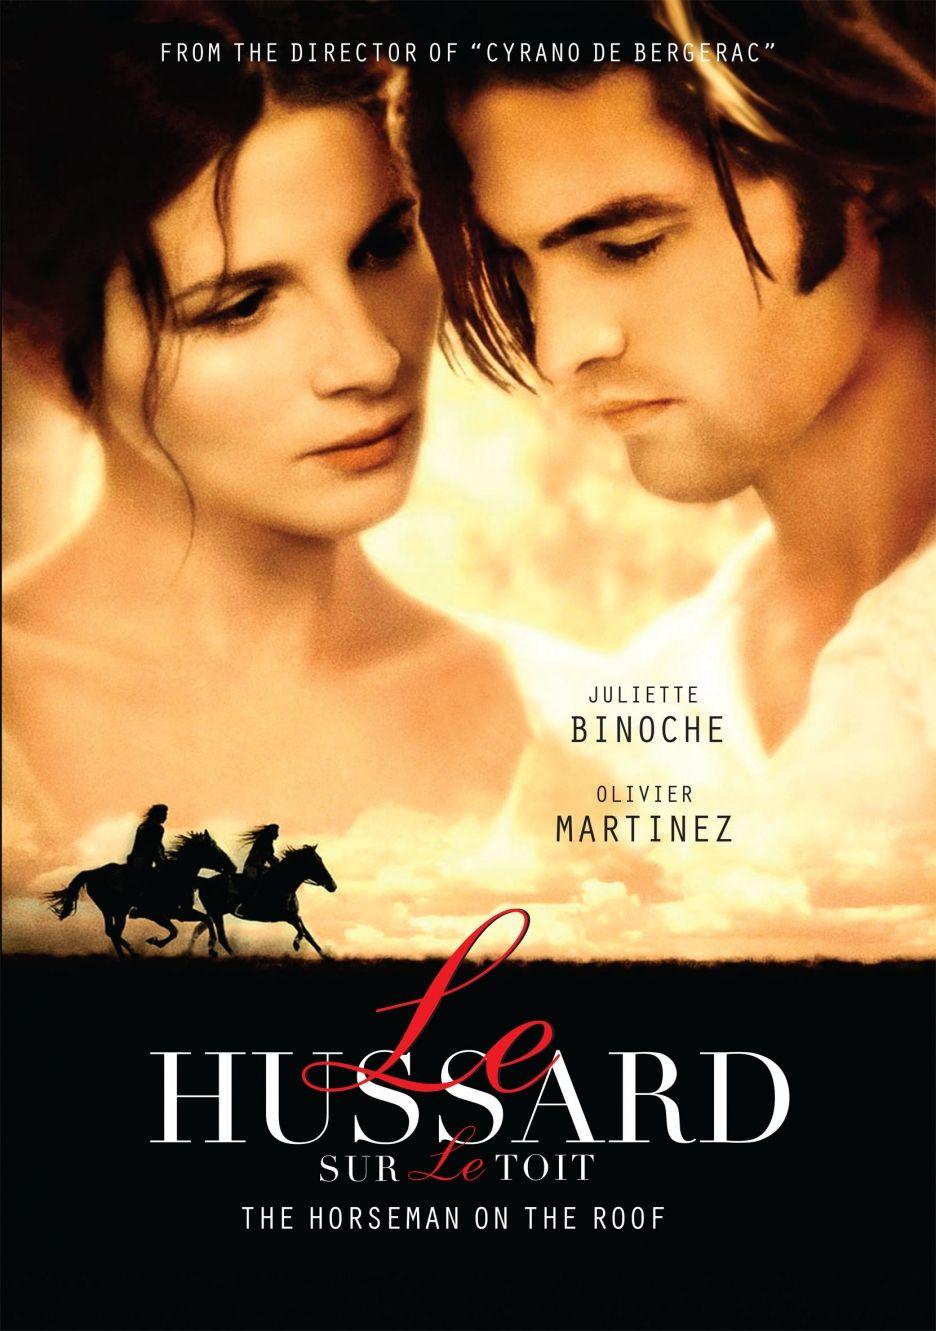 The Horseman On The Roof 1996 Starring Juliet Binoche And Olivier Martinez Dir Jean Paul Rappeneau Filme Kino